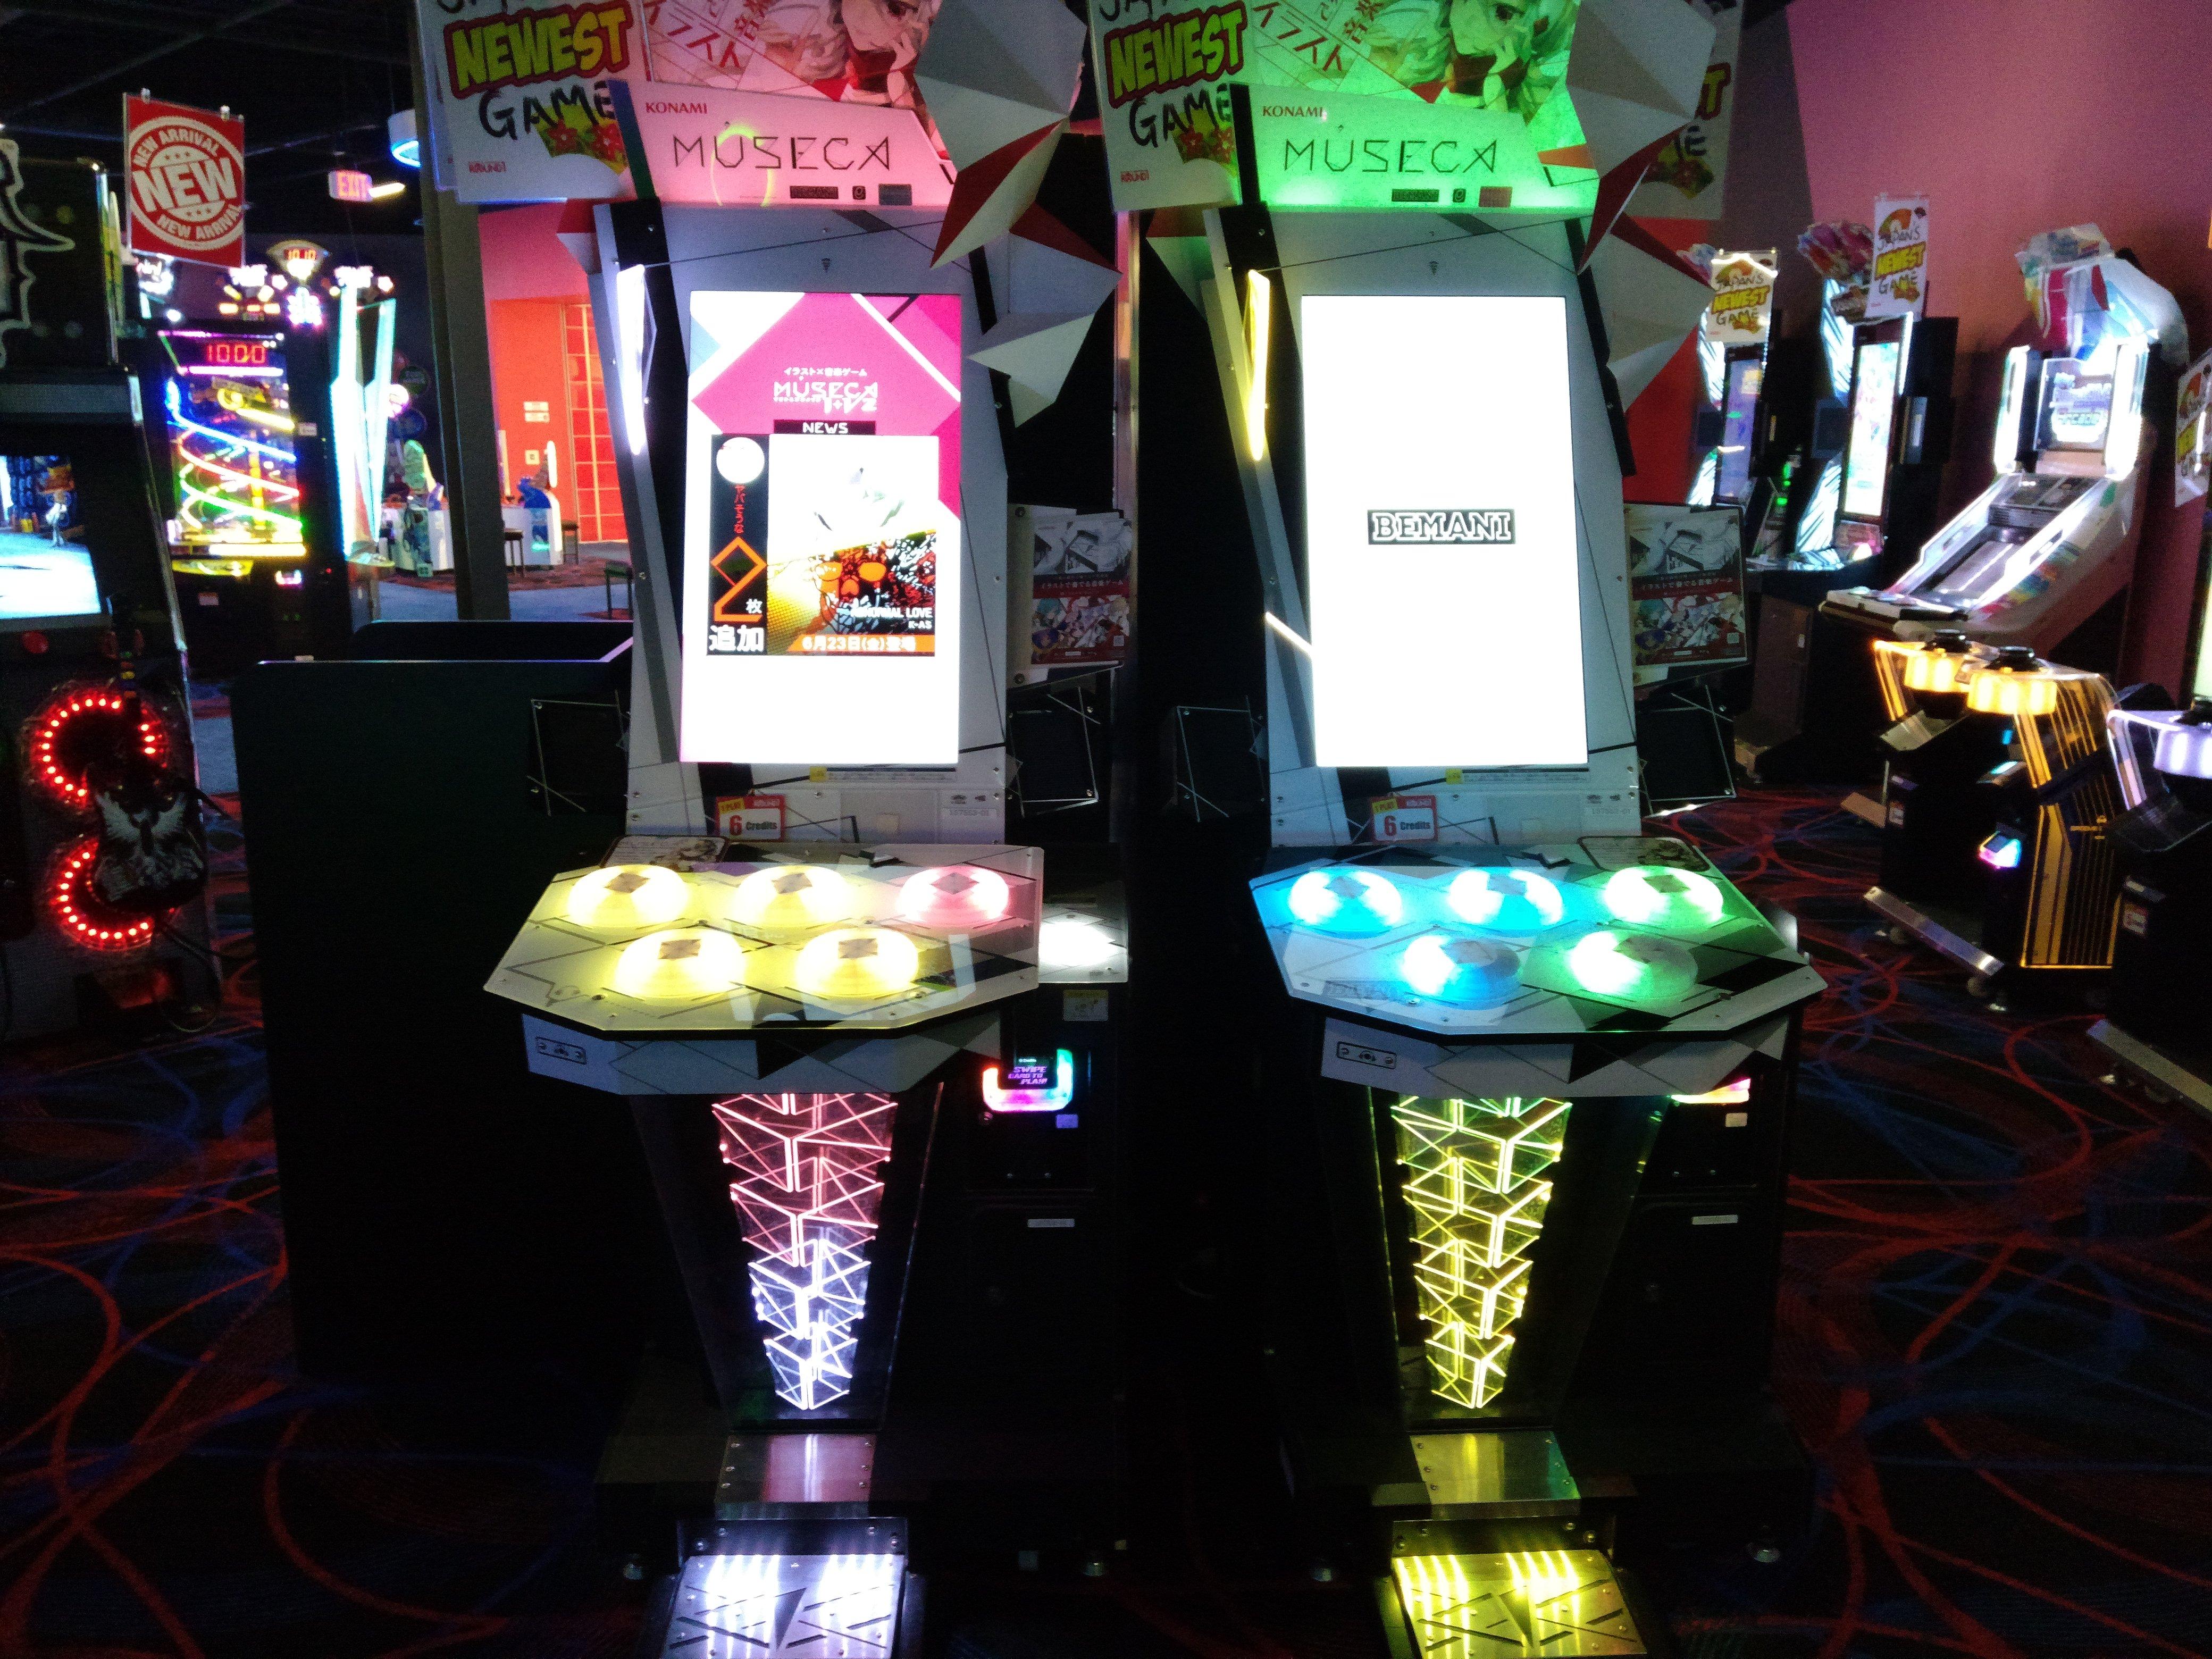 MÚSECA 1+1/2 - Arcade Locations - Picture Gallery - ZIv